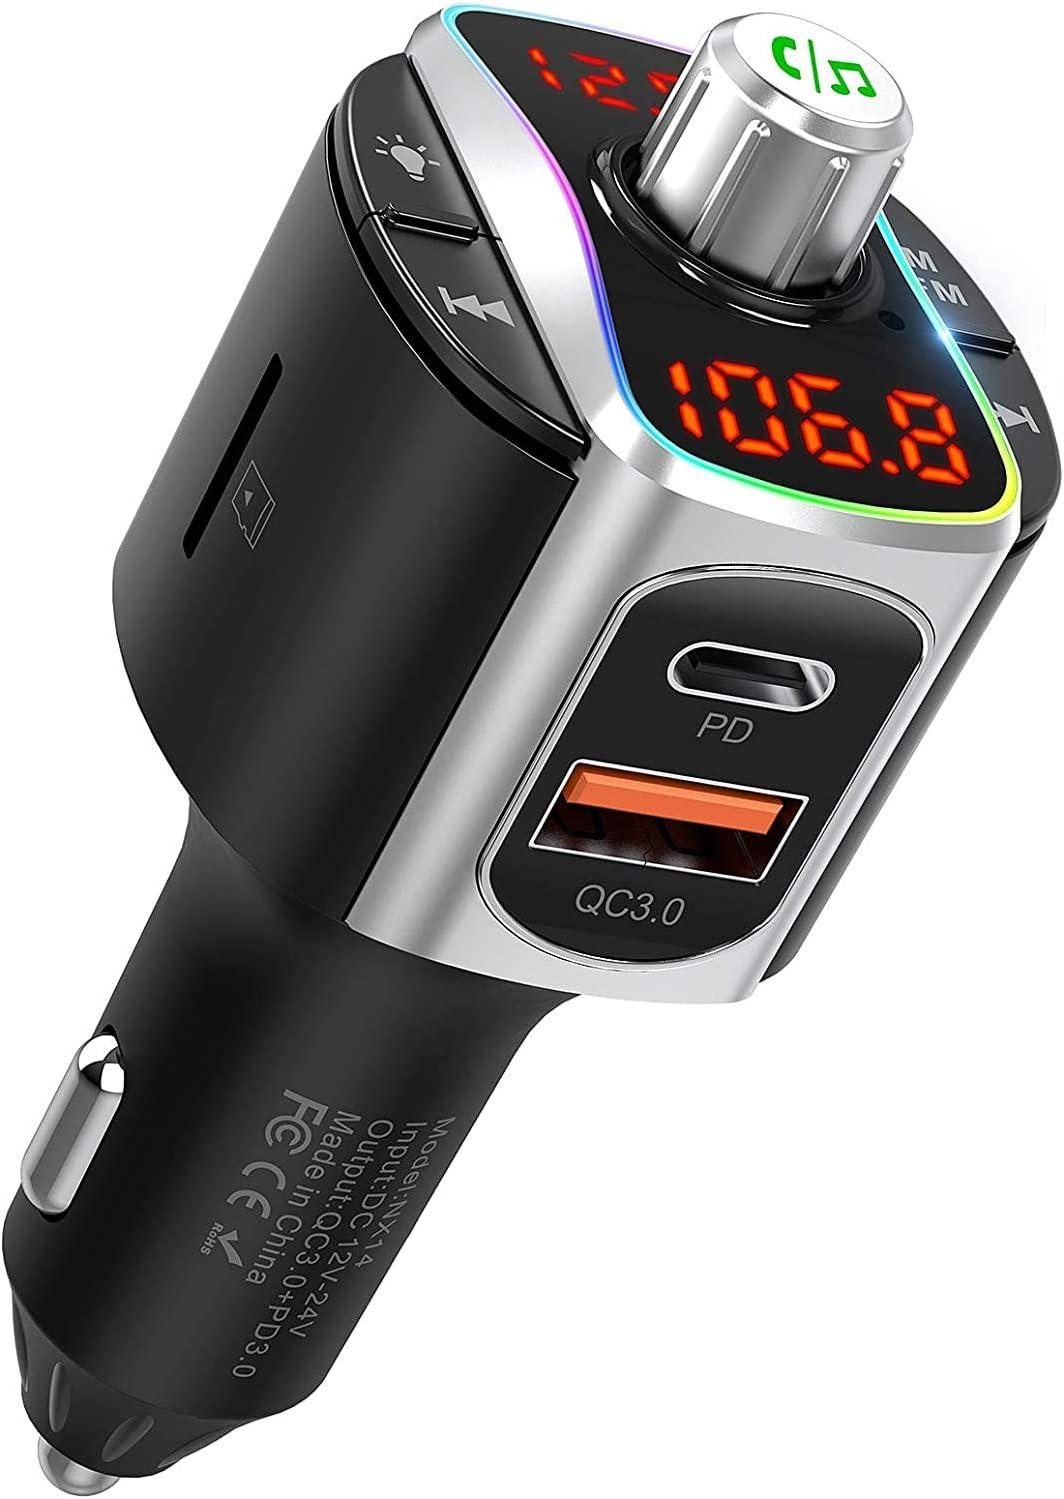 Nulaxy Transmisor FM Bluetooth 5.0, Adaptador de Radio para Coche con 3 Puertos USB (PD18W&QC3.0), Kit Manos Libres para Coche, Reproductor de Música, Retroiluminación LED Colorida - NX14